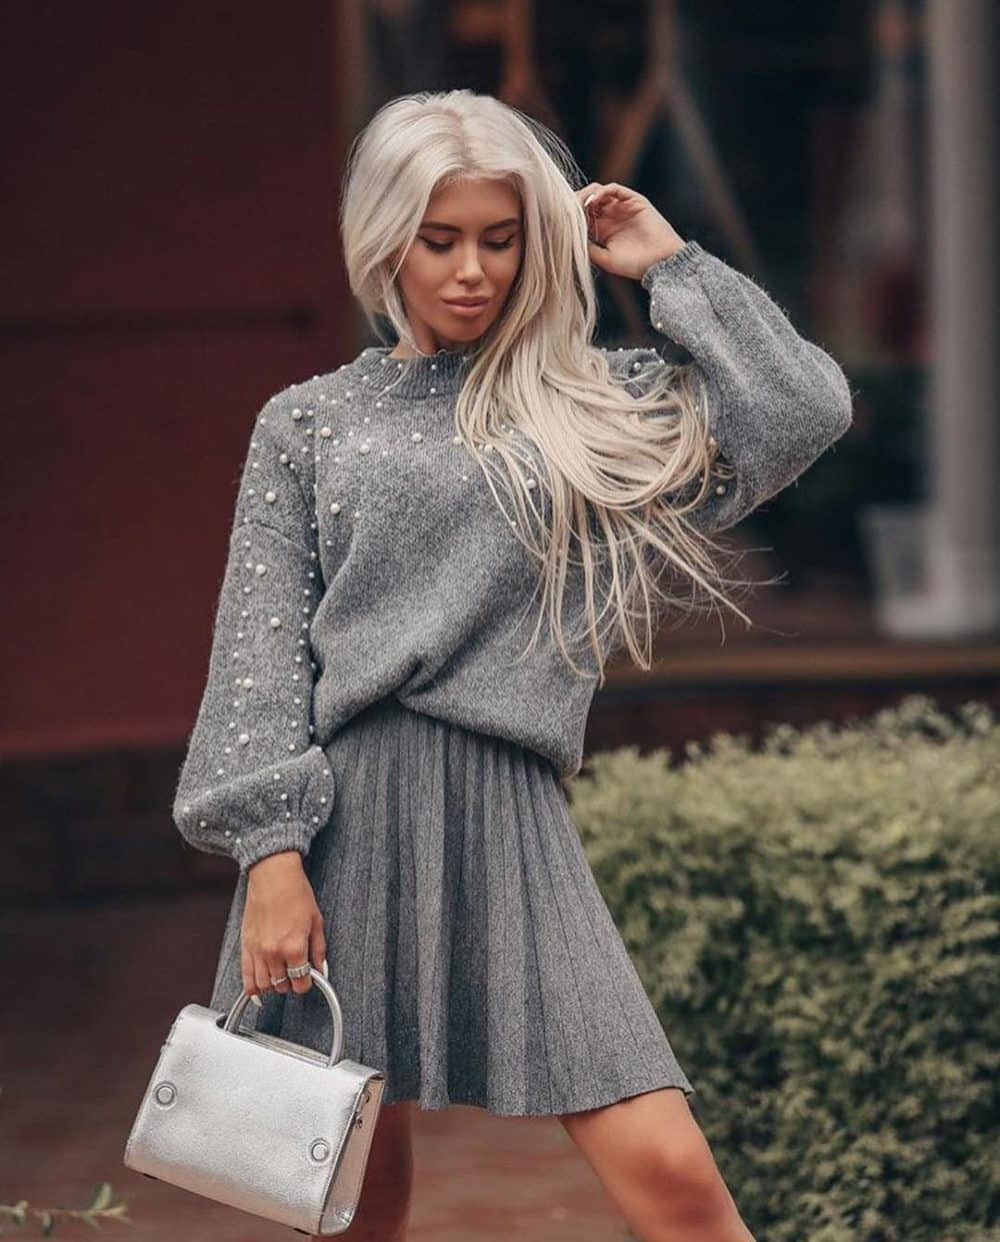 Модные юбки 2019-2020 года: что носить этой зимой